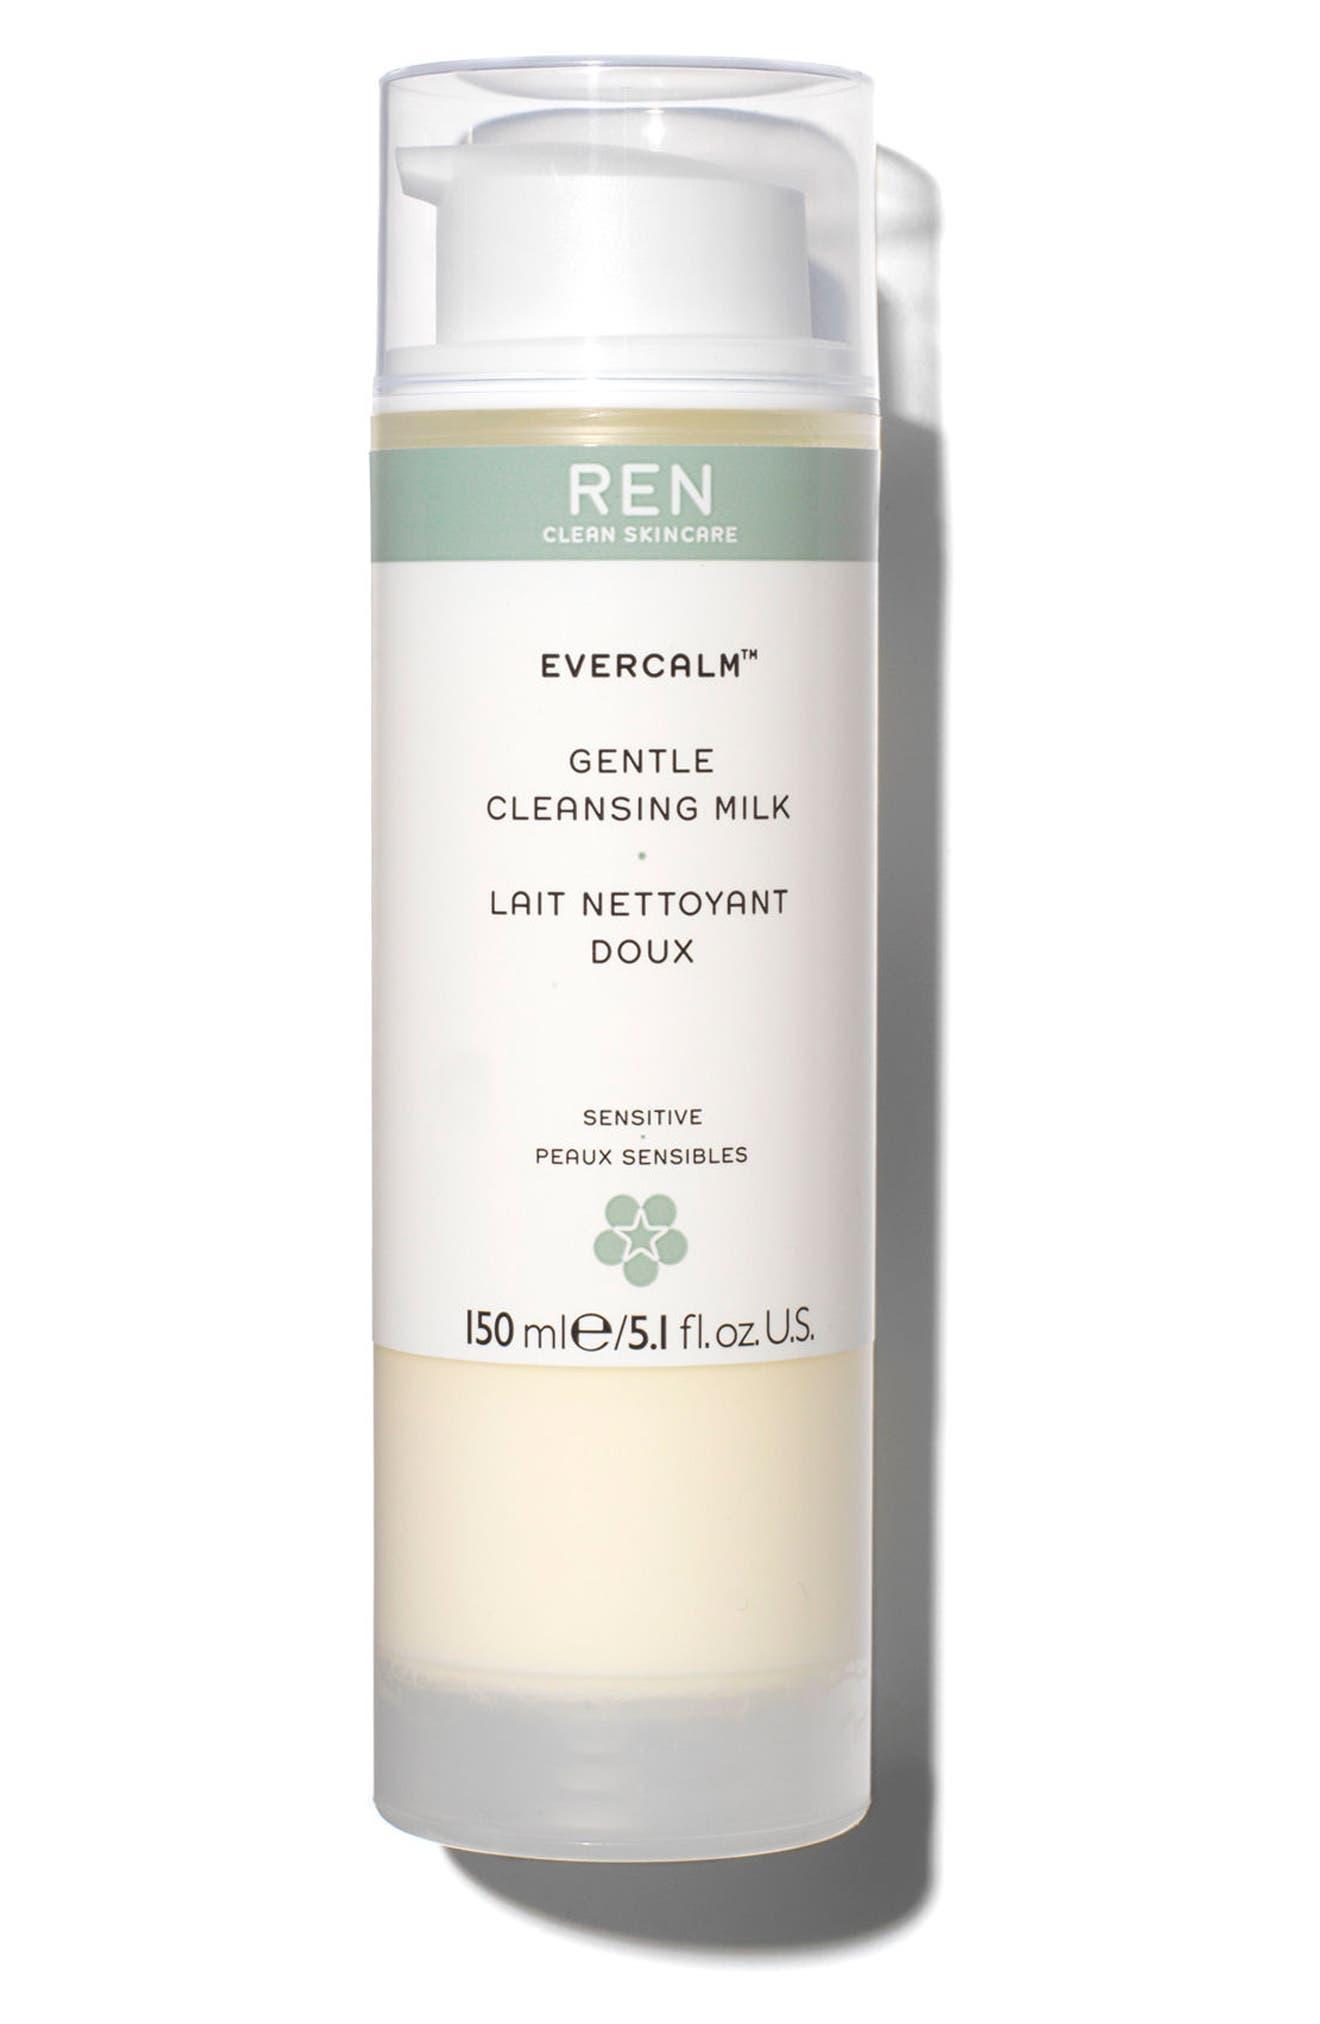 ren cleansing milk